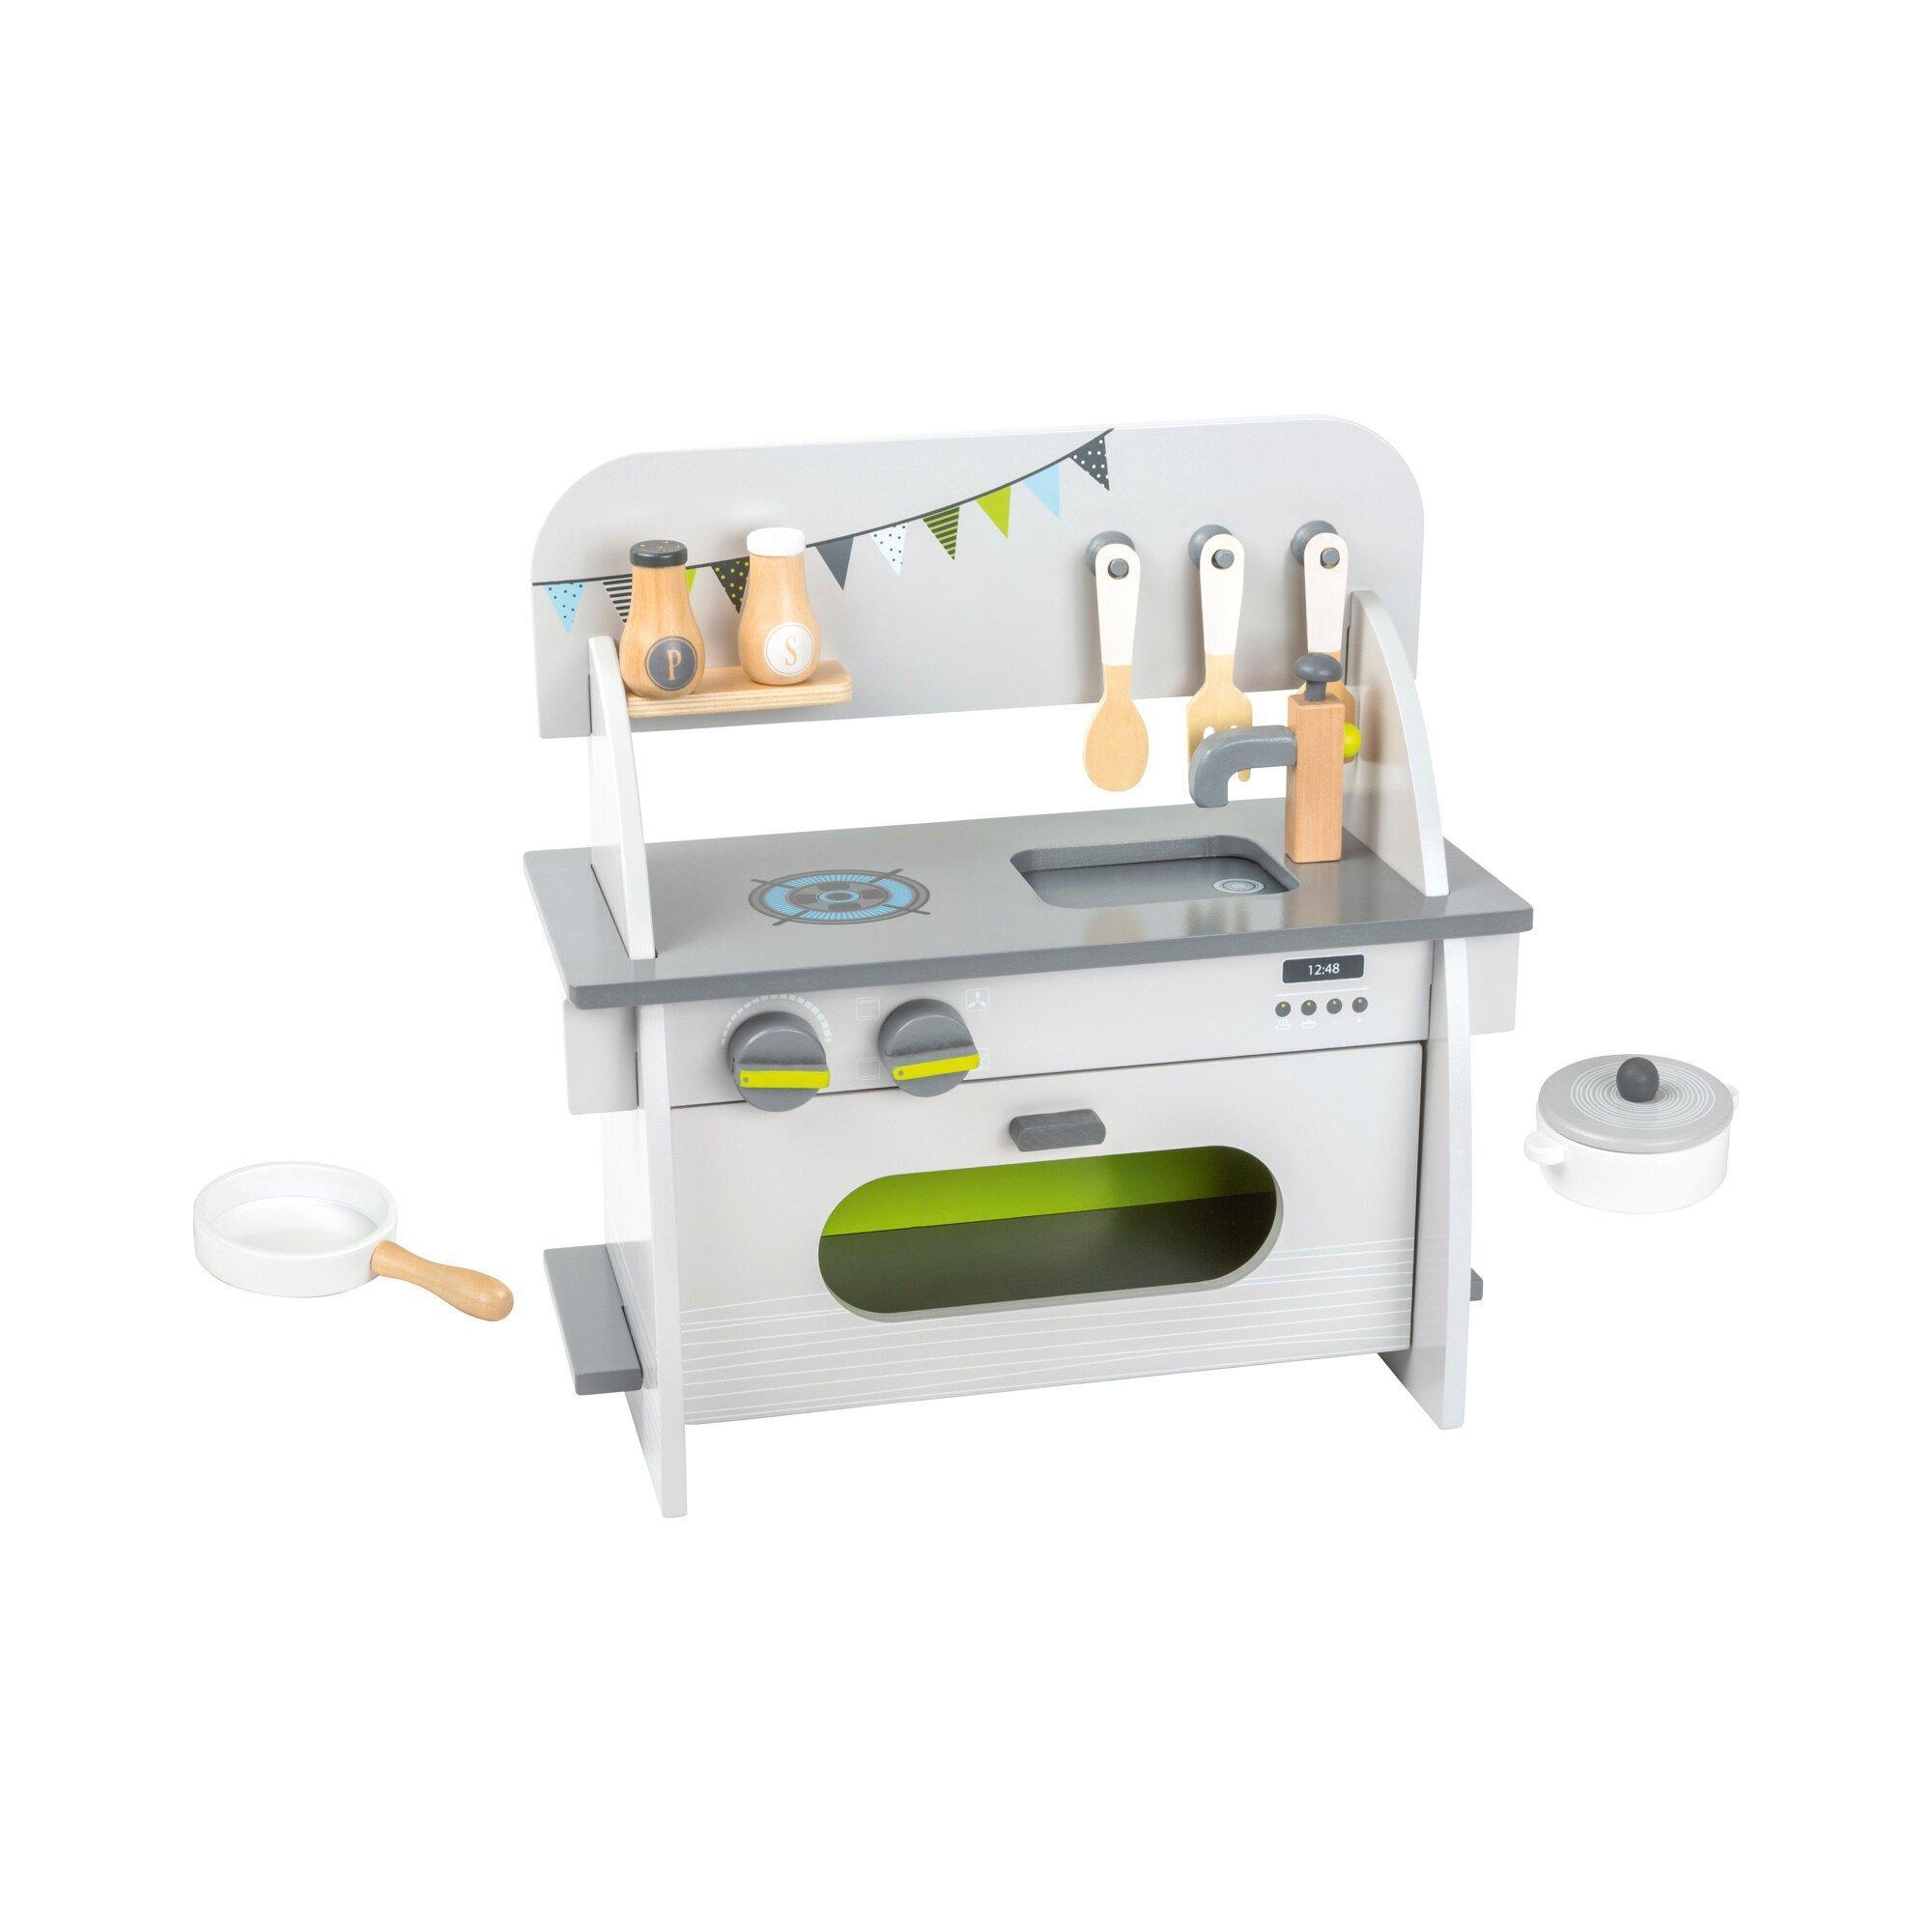 Kinderküche kompakt aus Holz